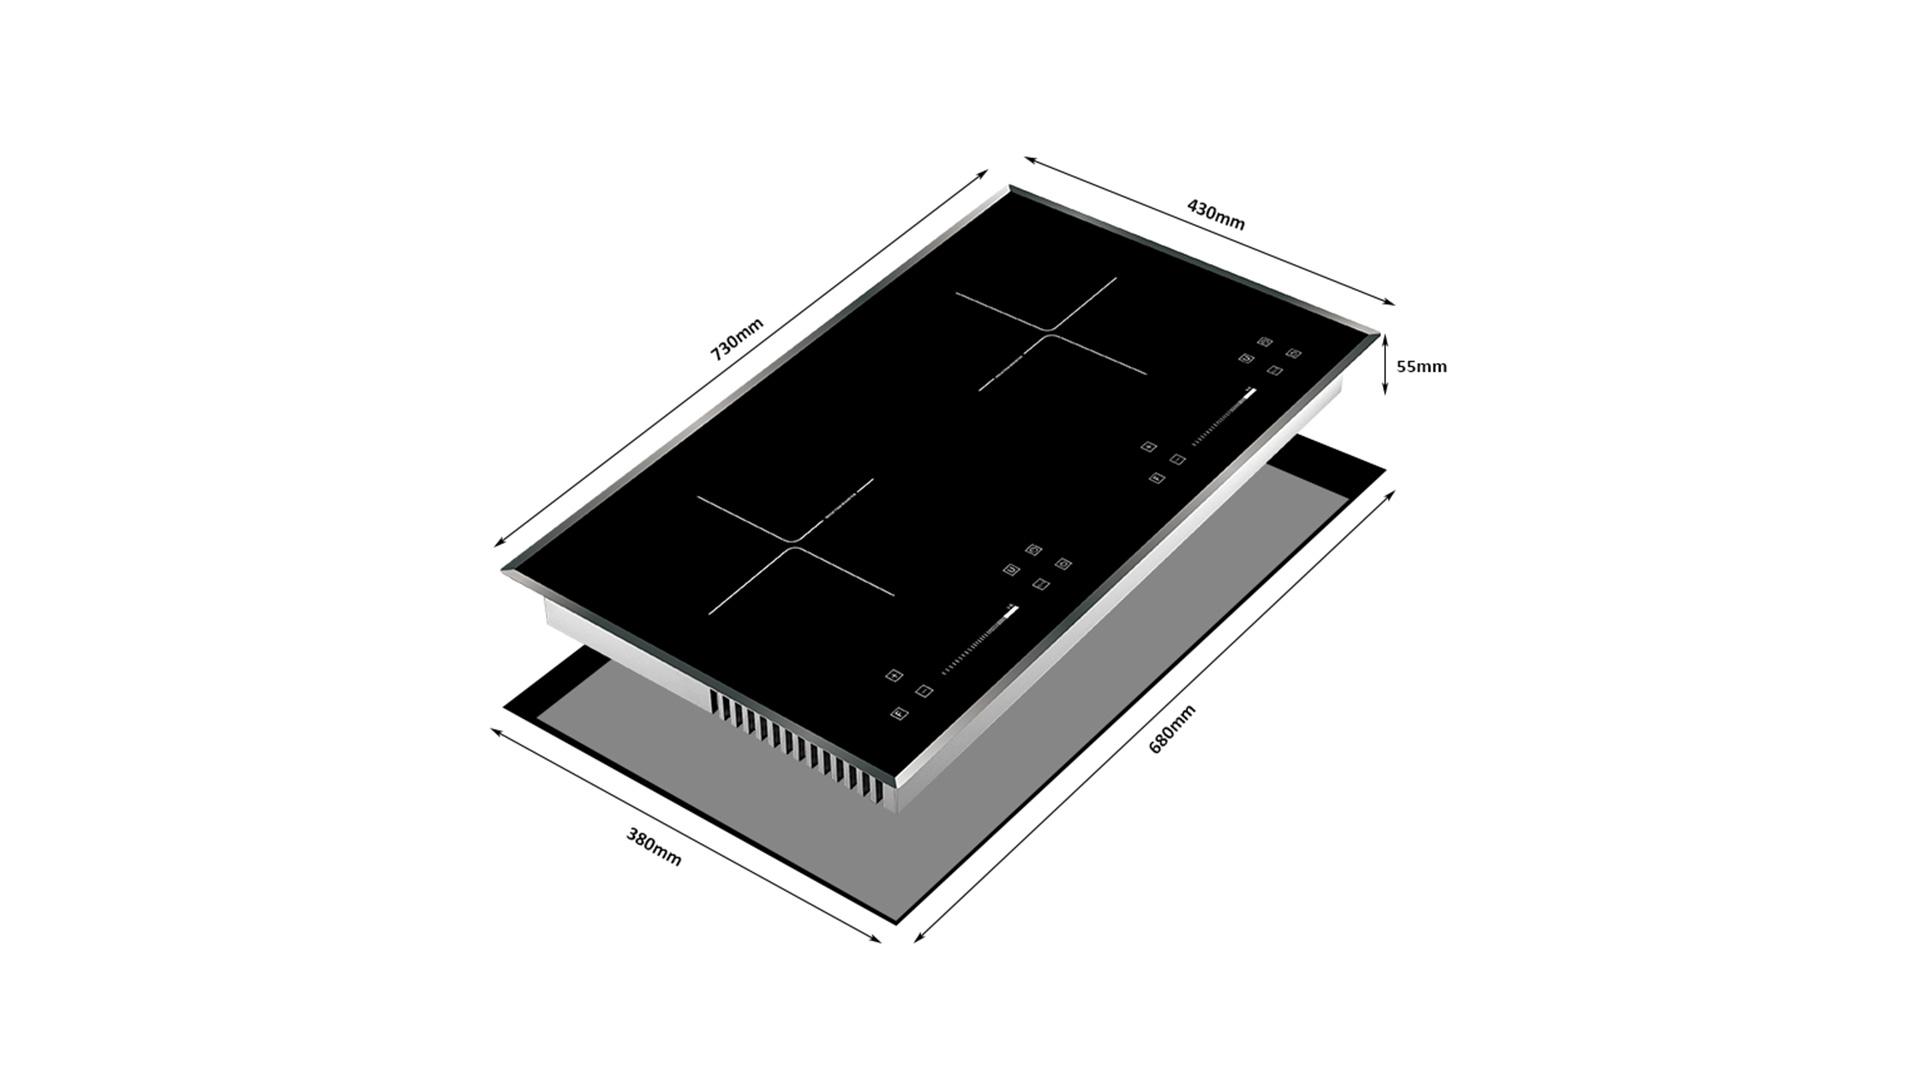 Nhà sản xuất bếp từ cảm ứng hai đầu đốt tích hợp thông minh 8125-203